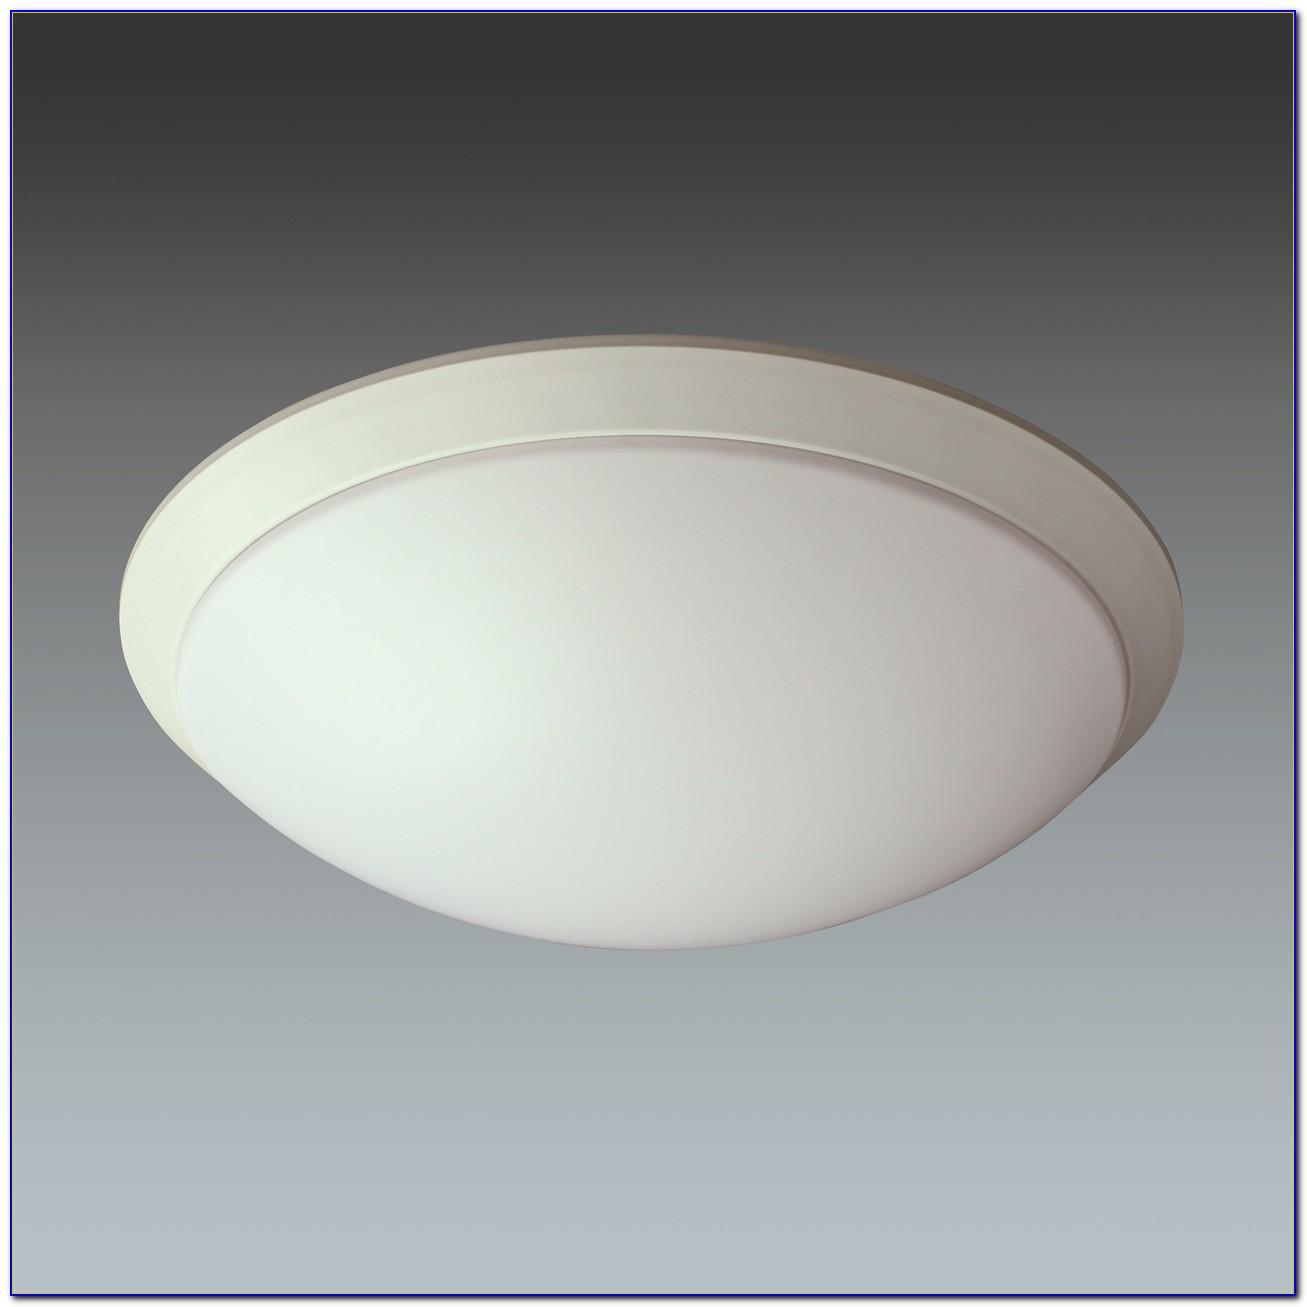 Ceiling Mounted Motion Sensor Light